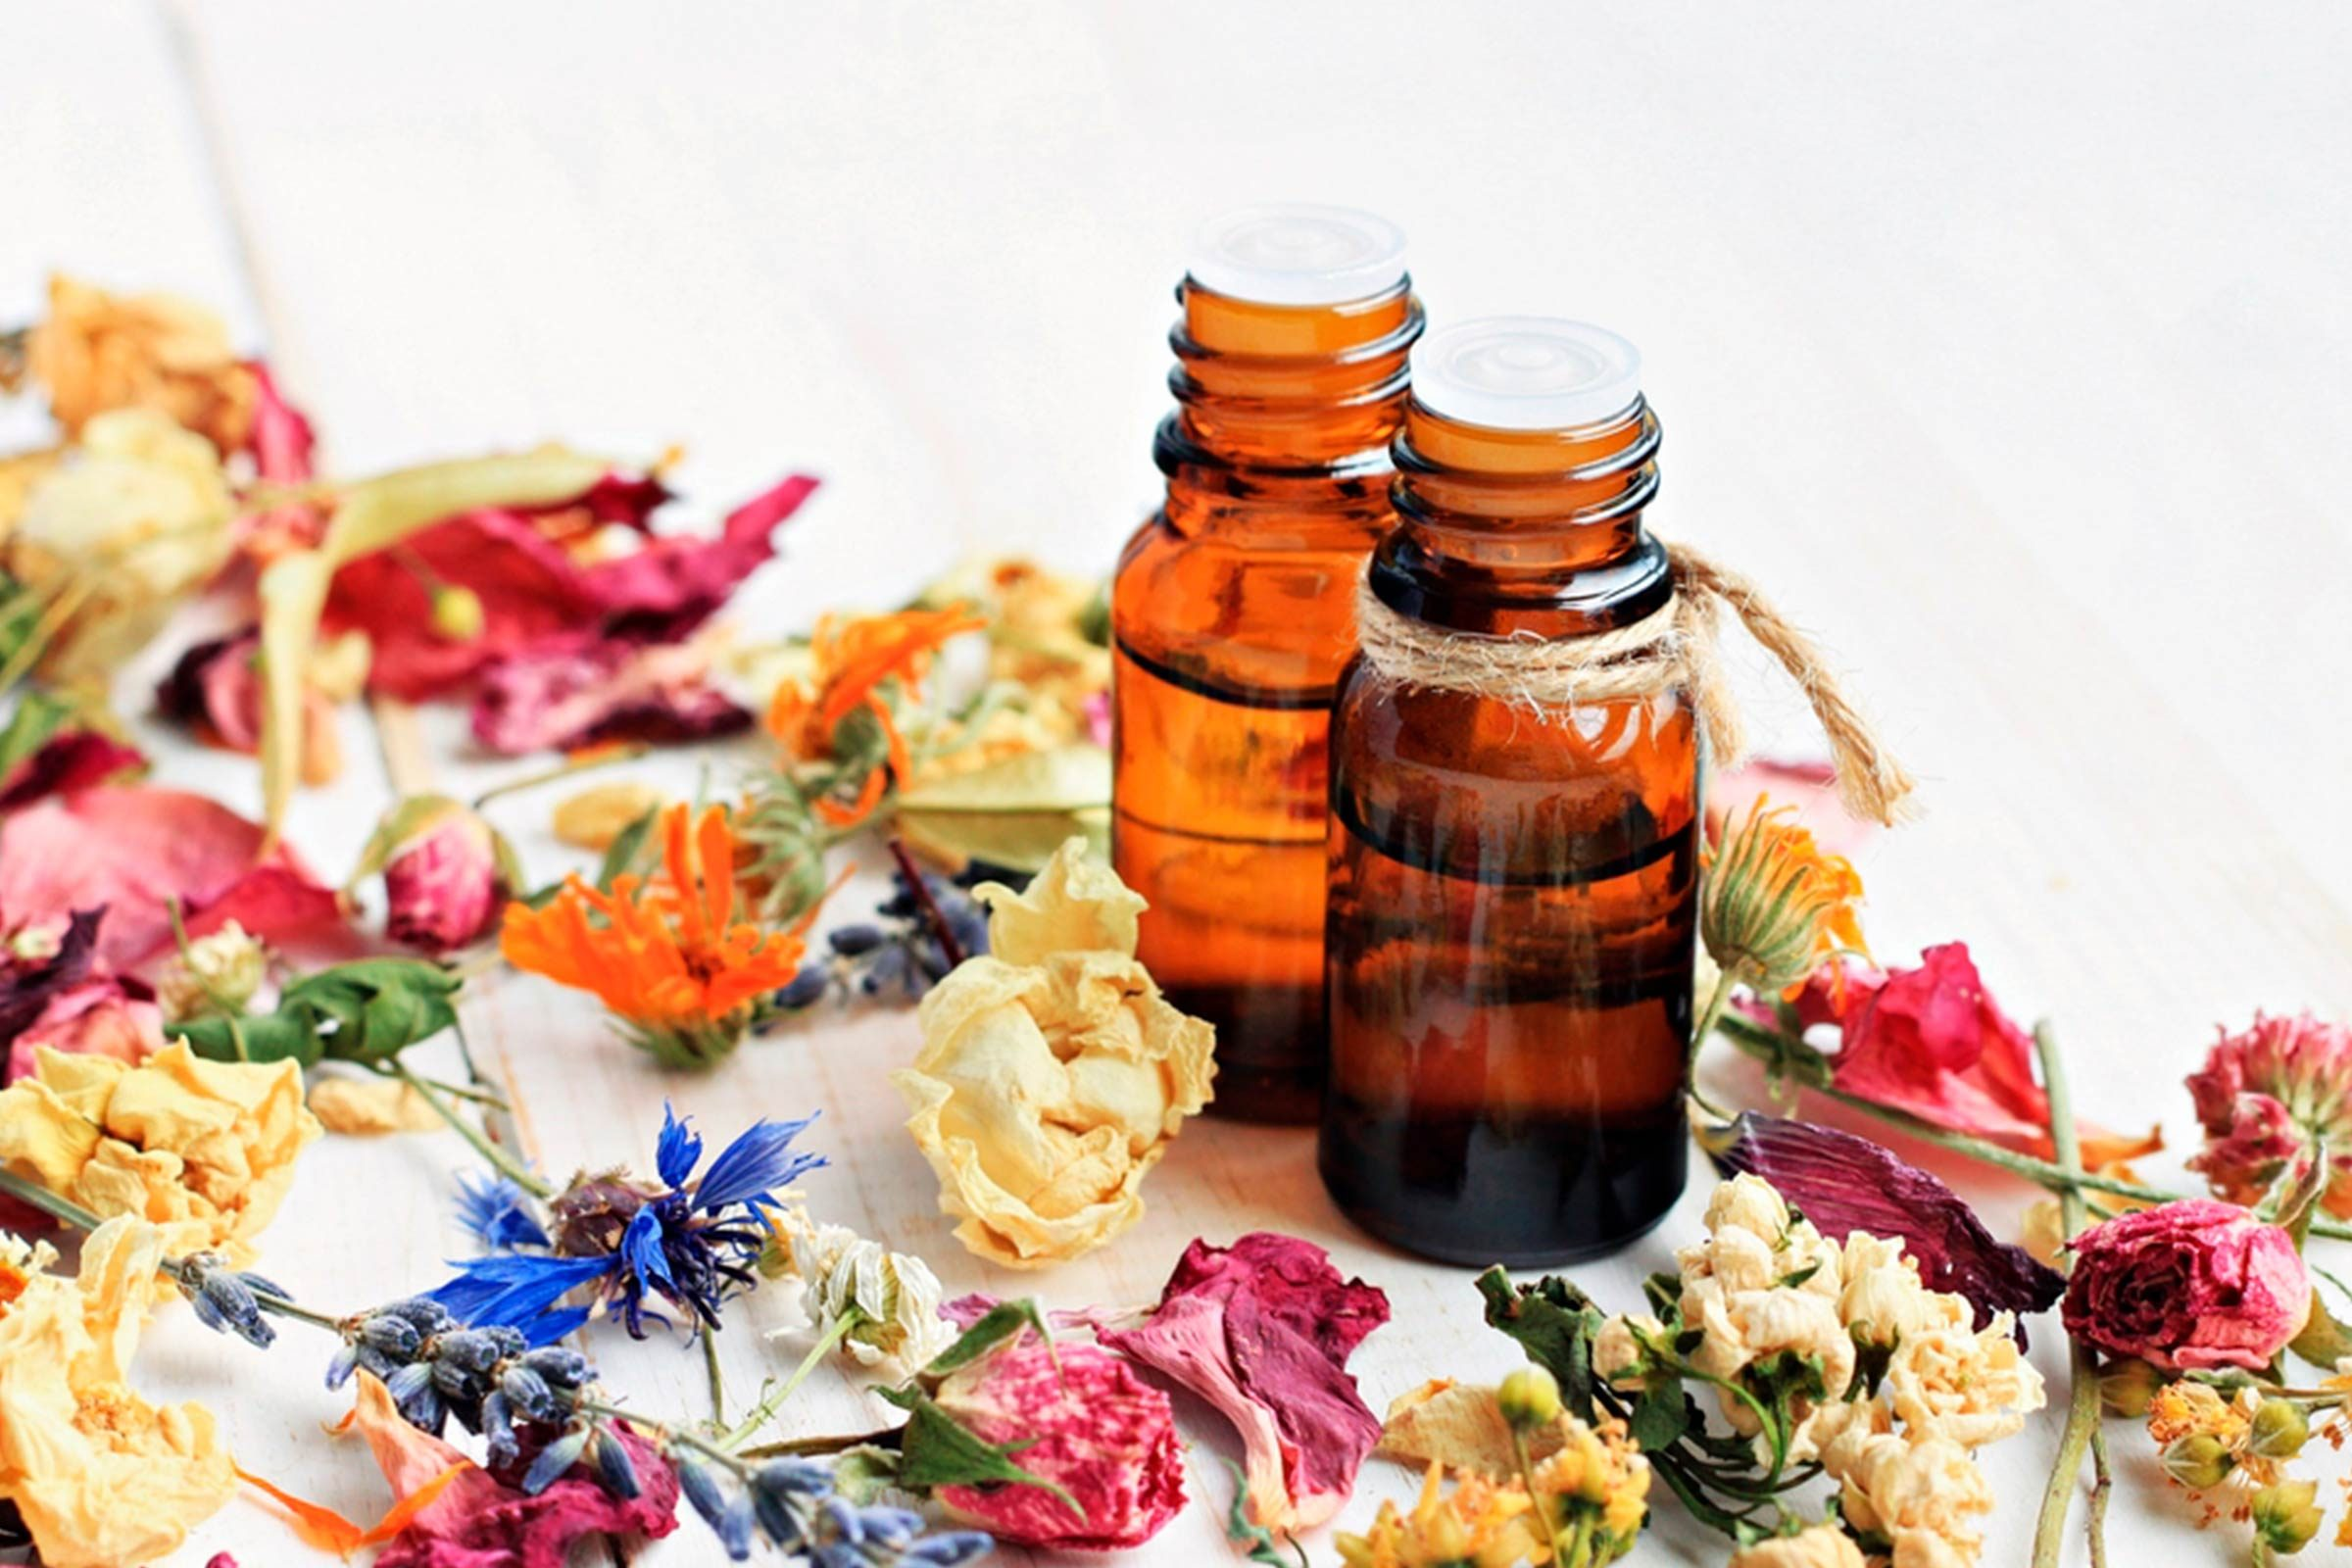 Avec les huiles essentielles, il faut prendre garde à la quantité